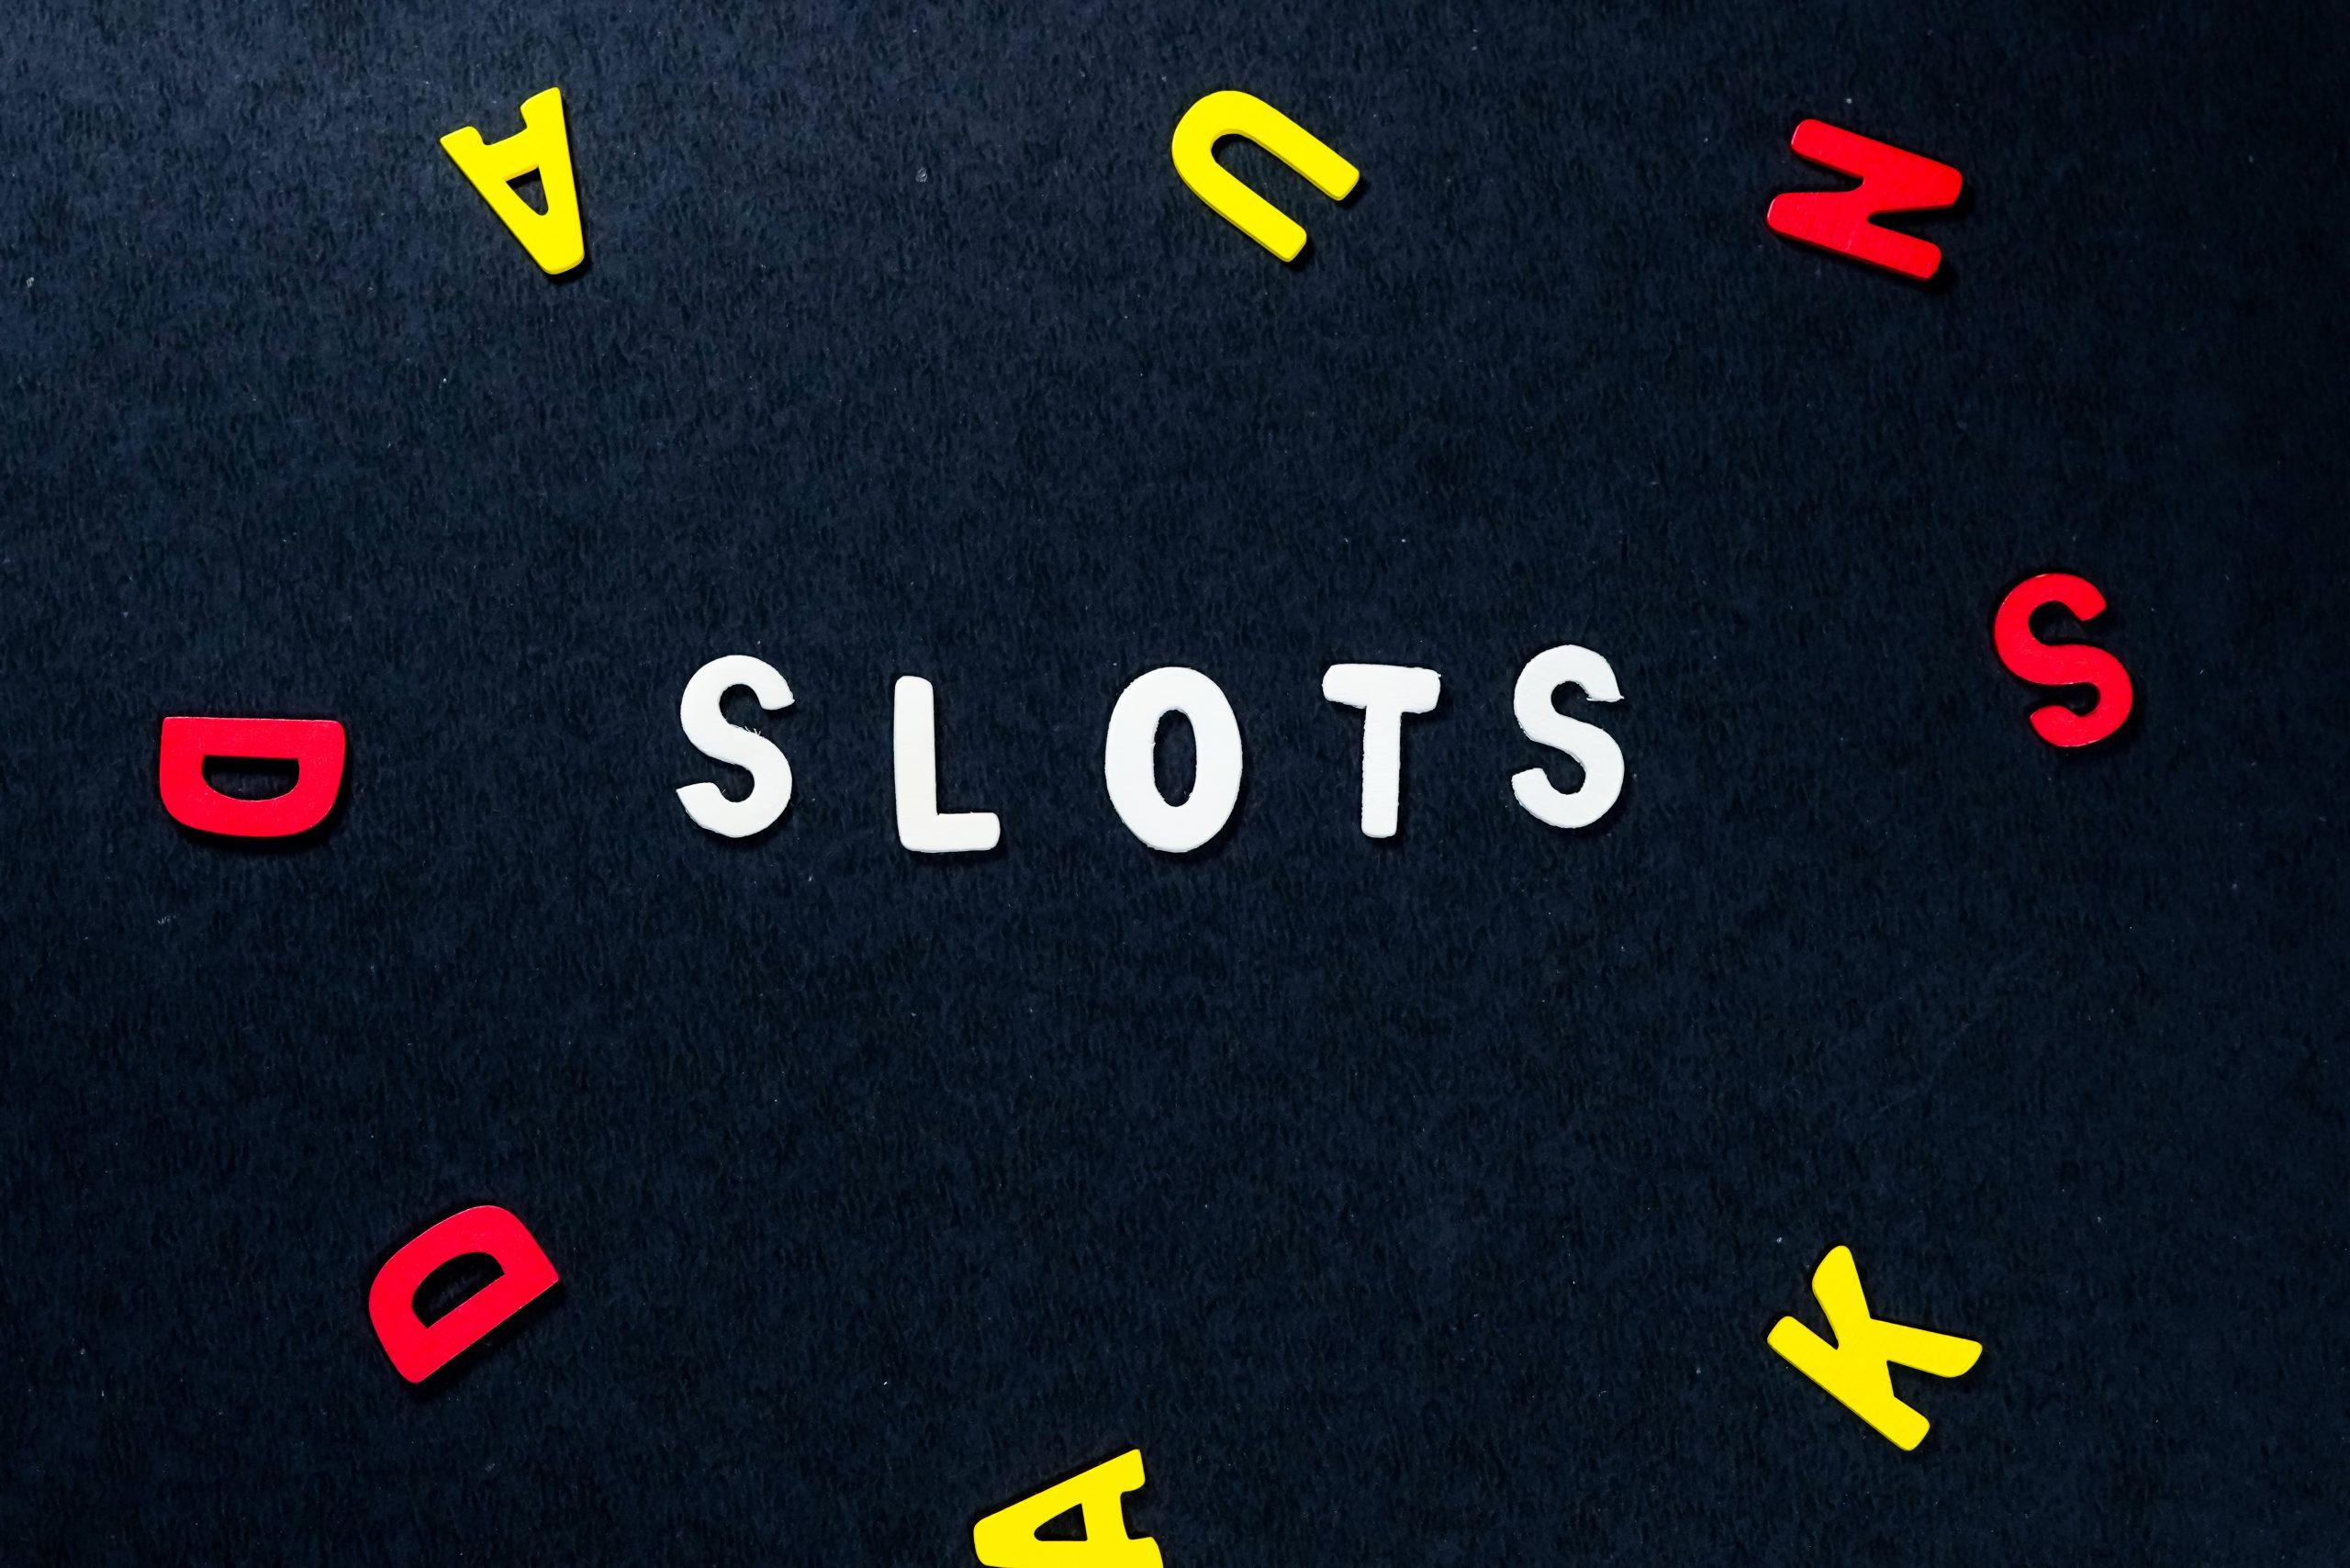 Slots written on scrabble